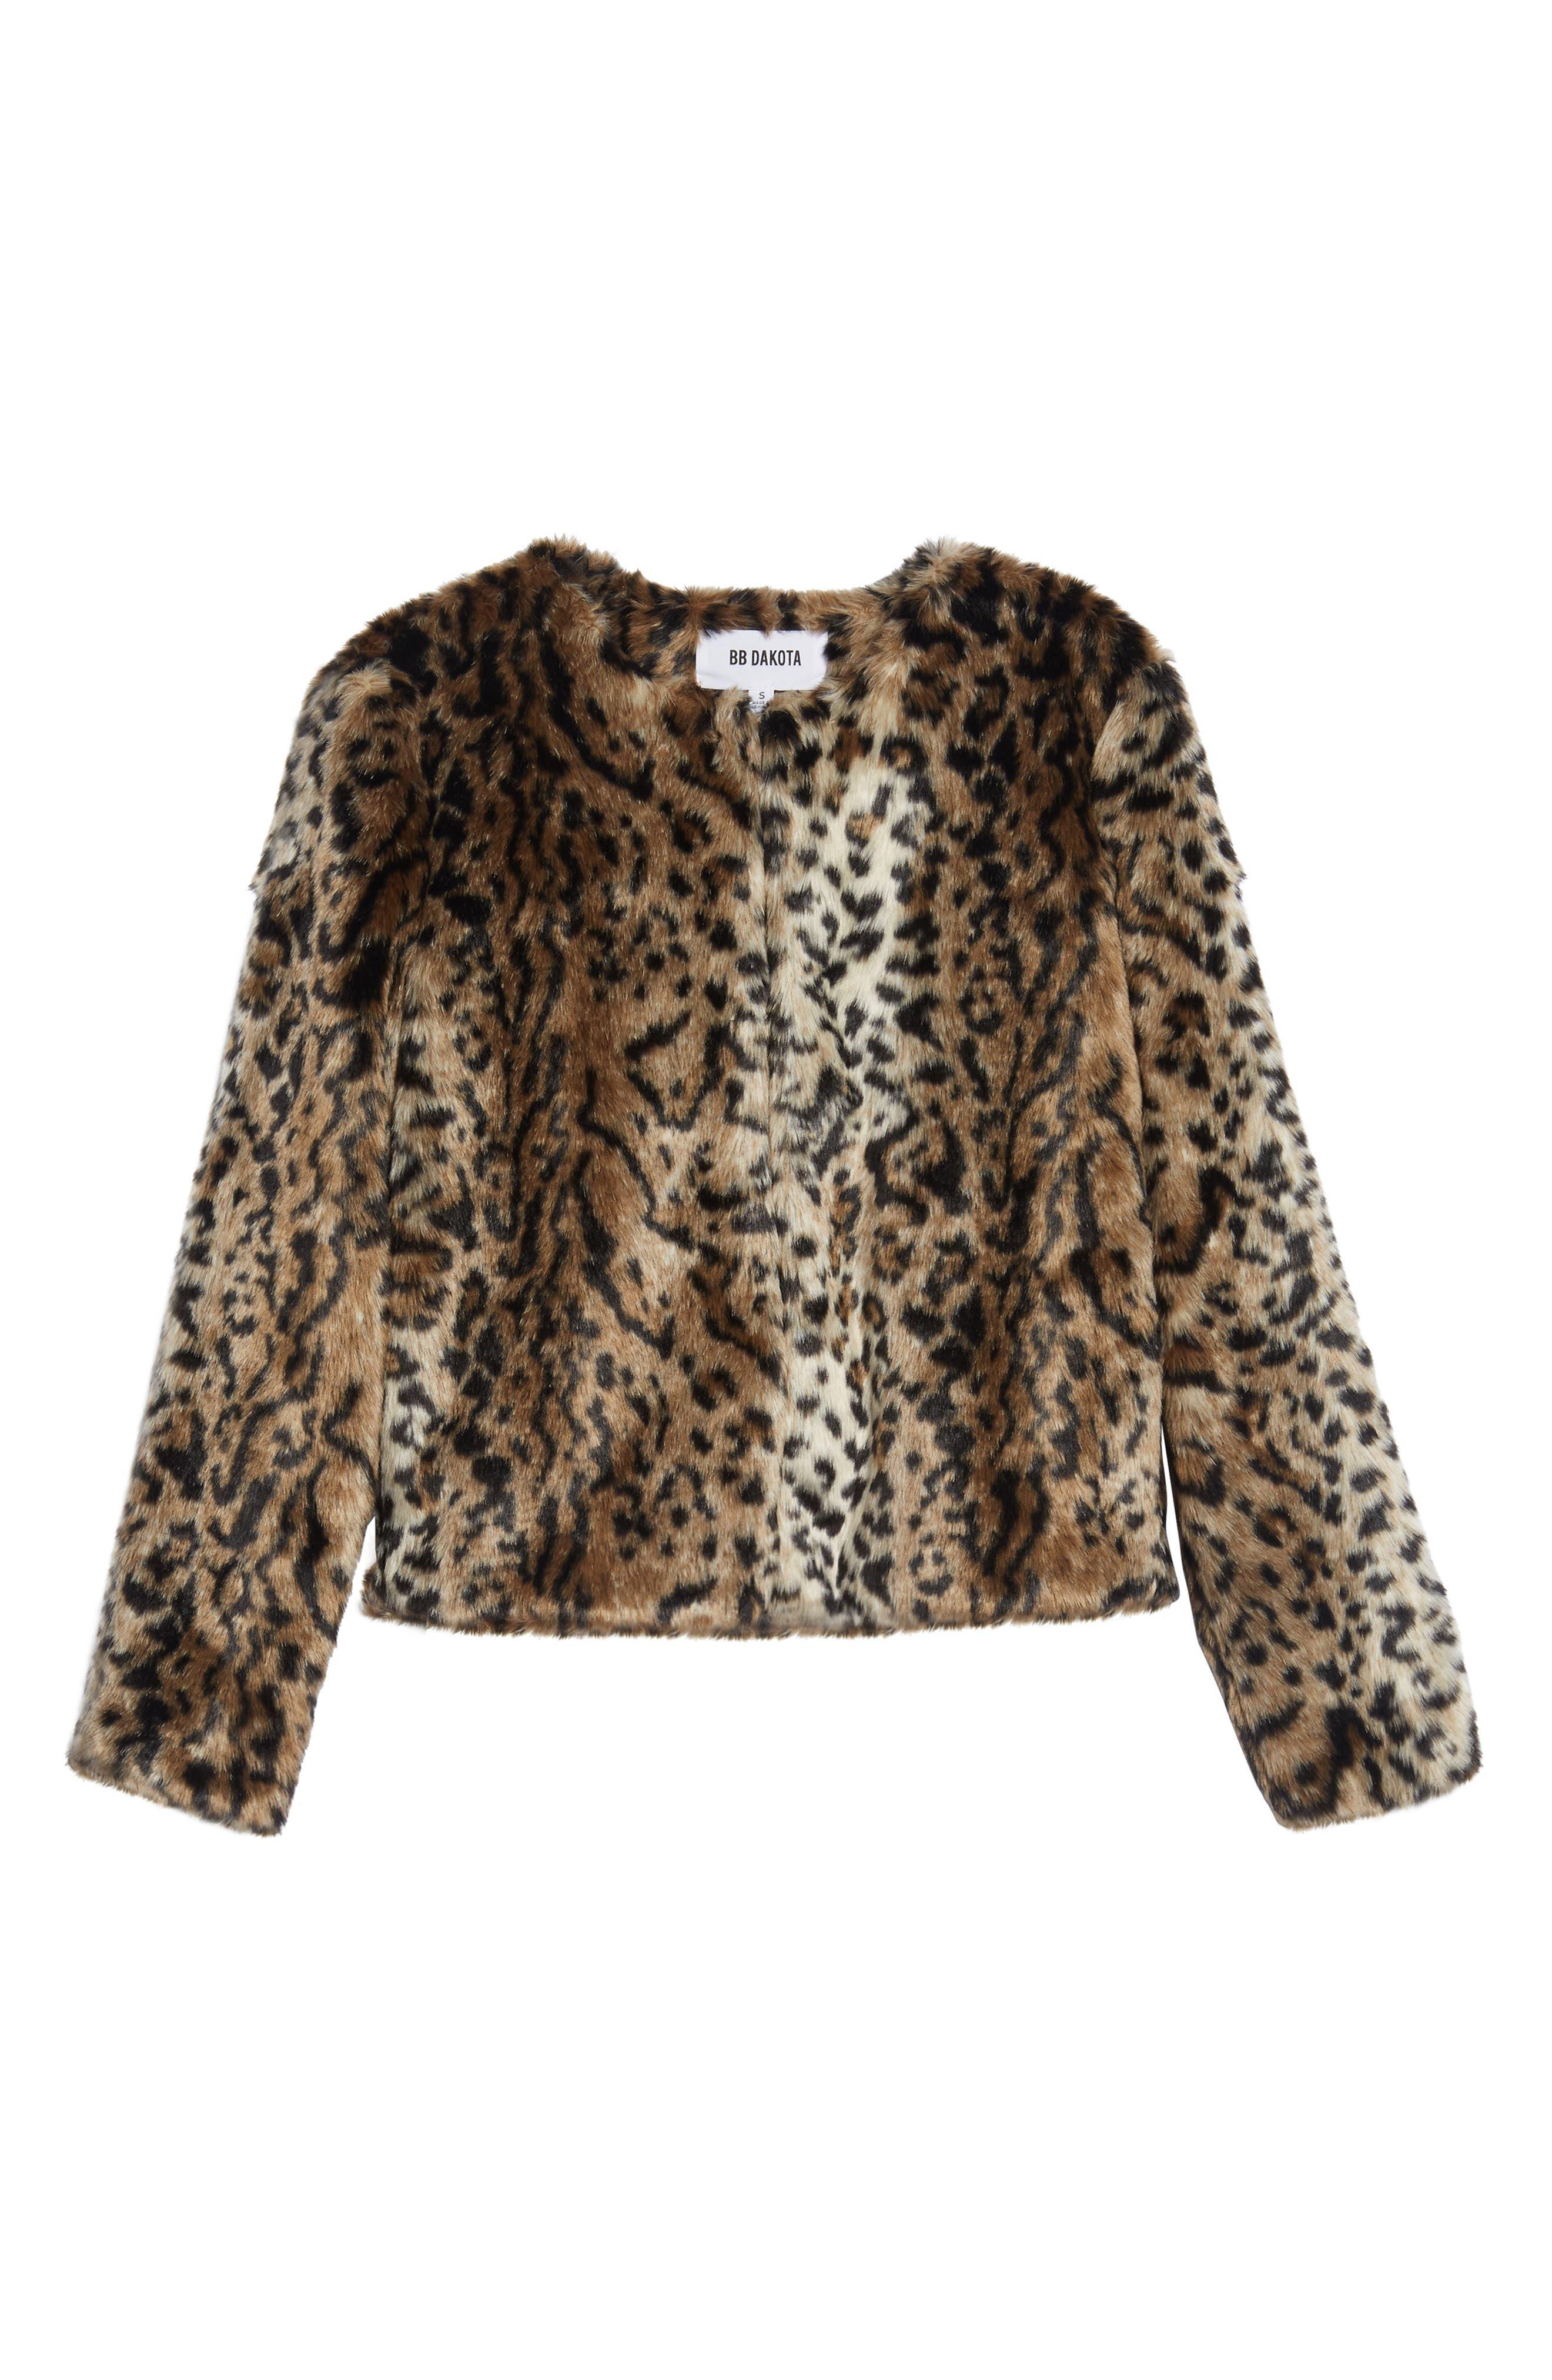 McKinley Leopard Print Faux Fur Jacket,                             Alternate thumbnail 5, color,                             238